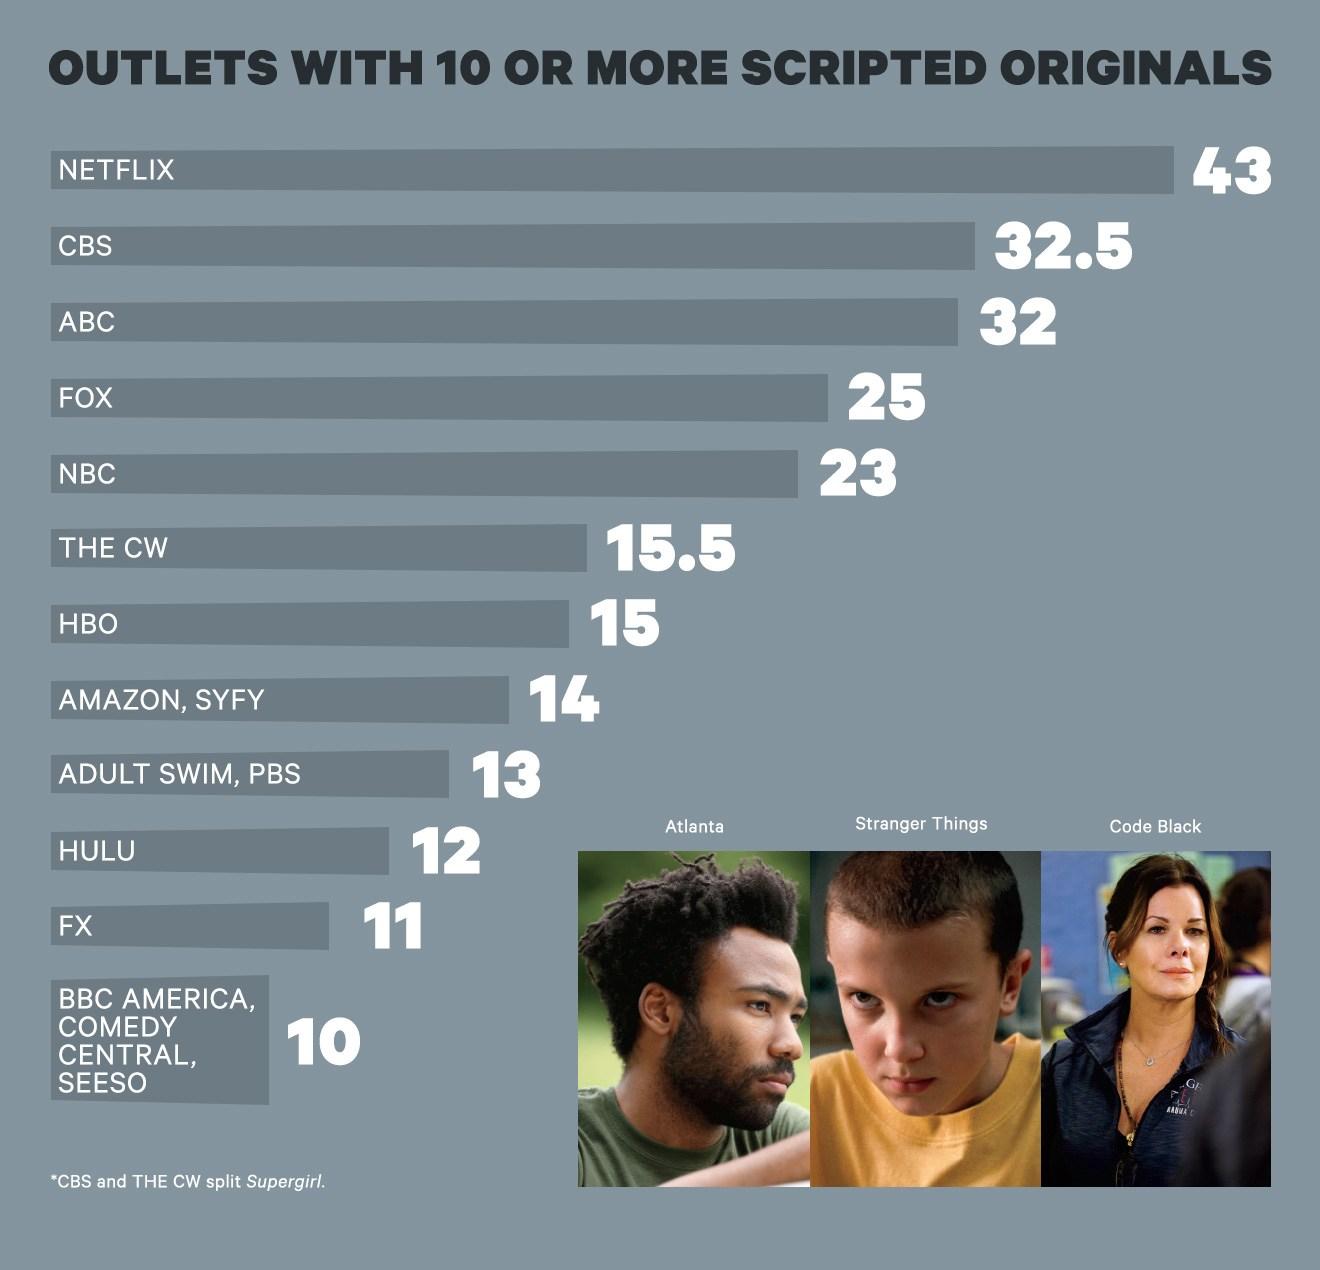 Las series originales de Netflix